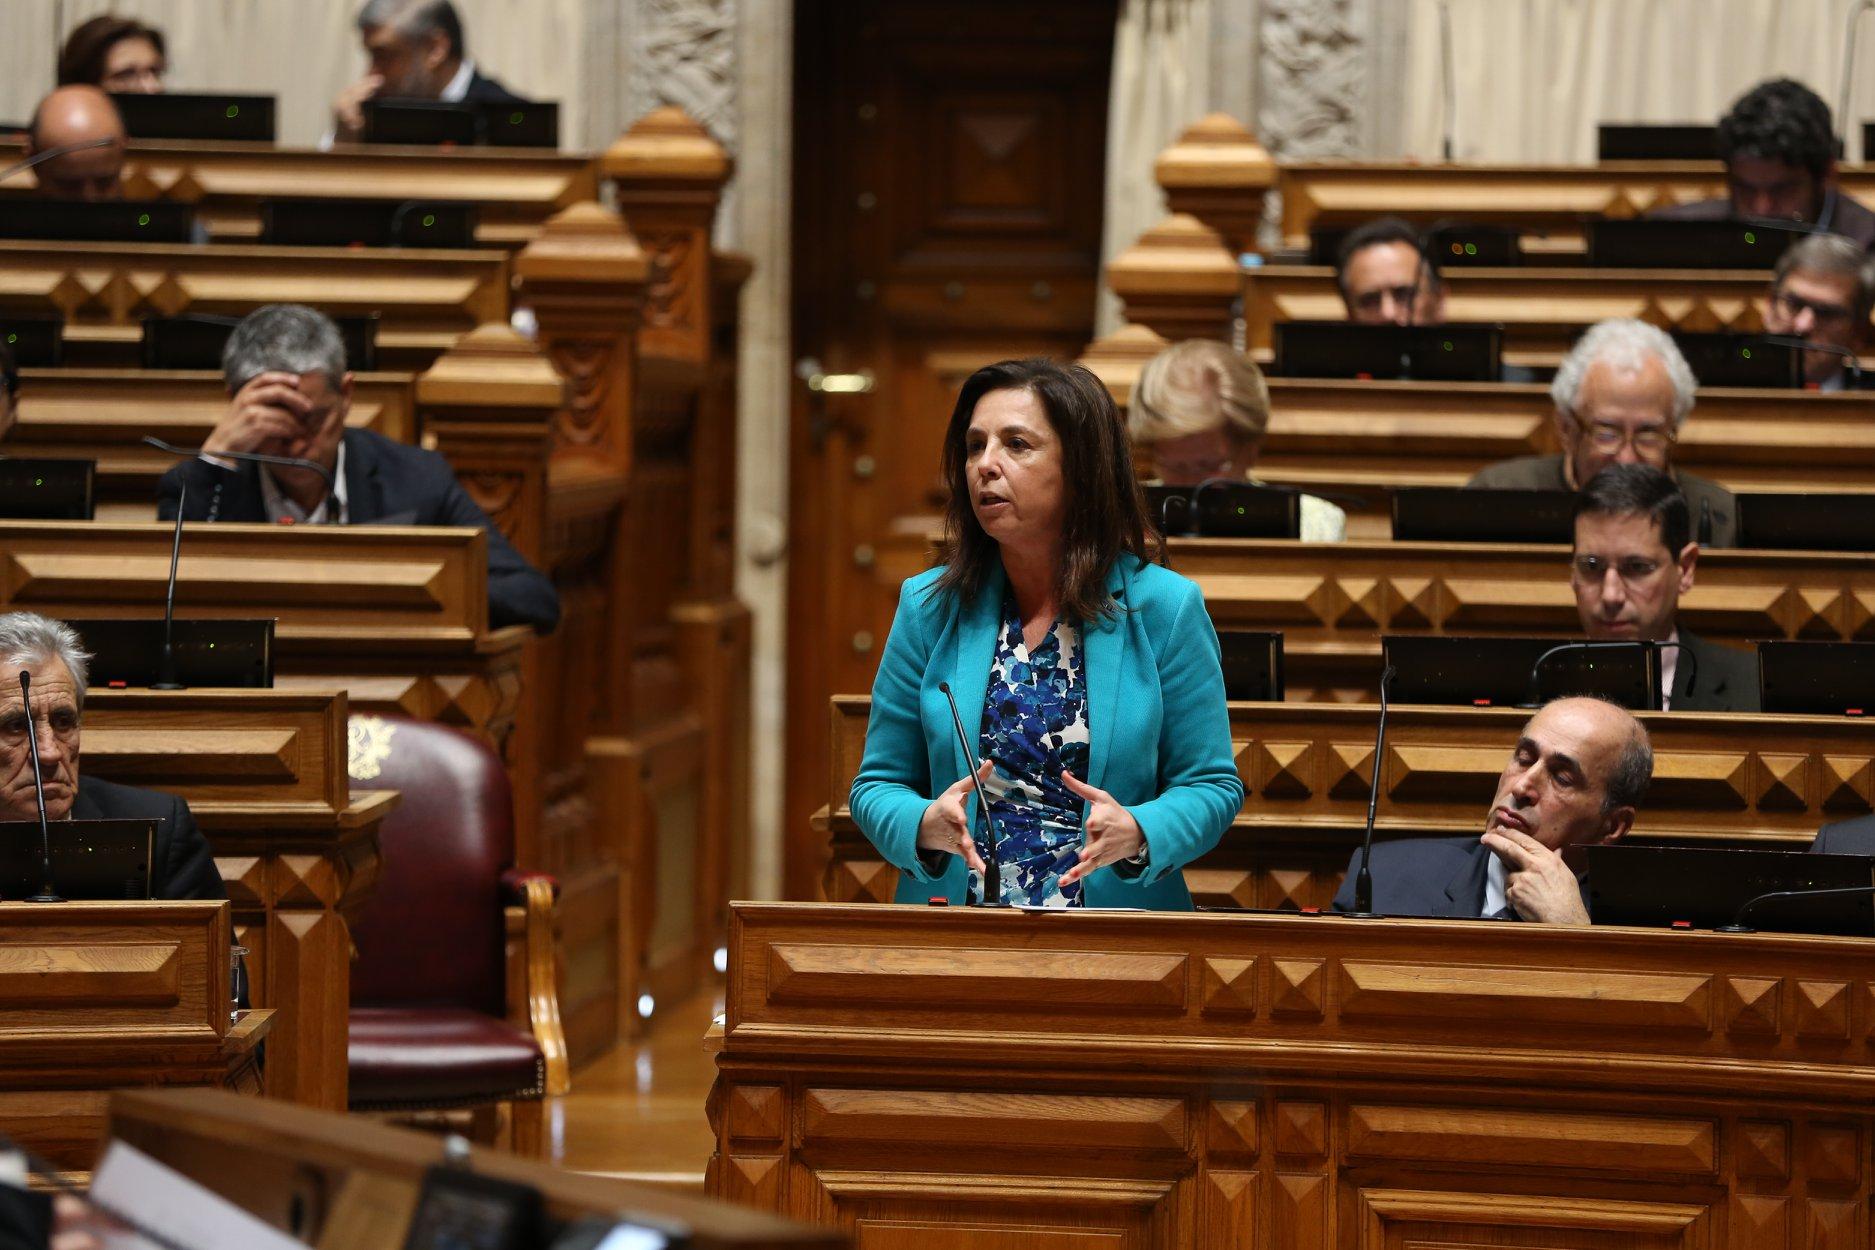 Caso de falsificação de documentos contra Hortense Martins foi arquivado por mil euros